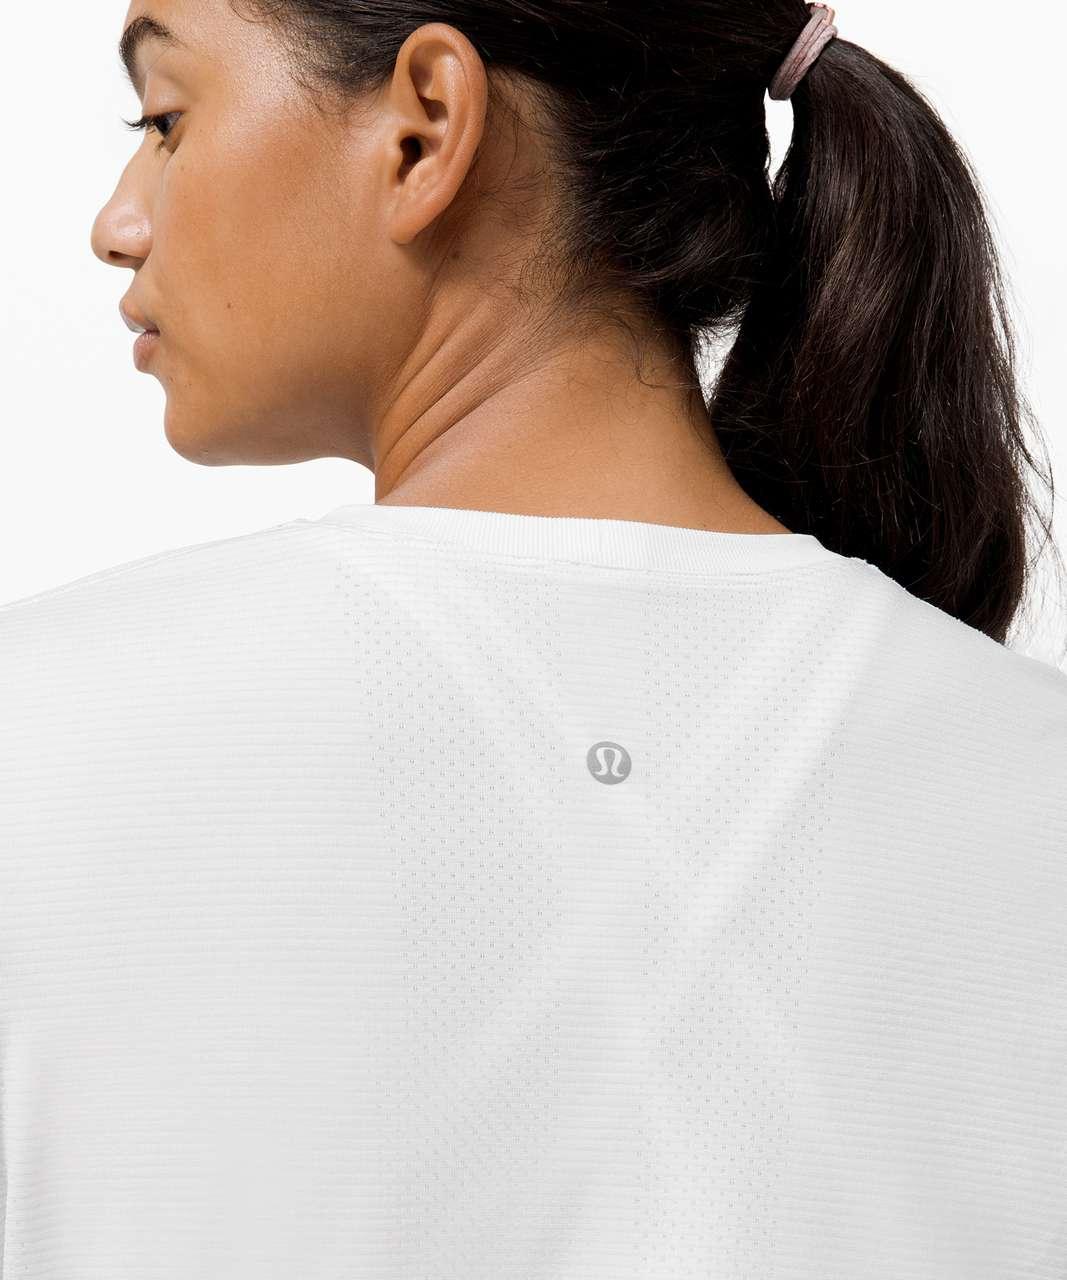 Lululemon Swiftly Breathe Long Sleeve - White / White